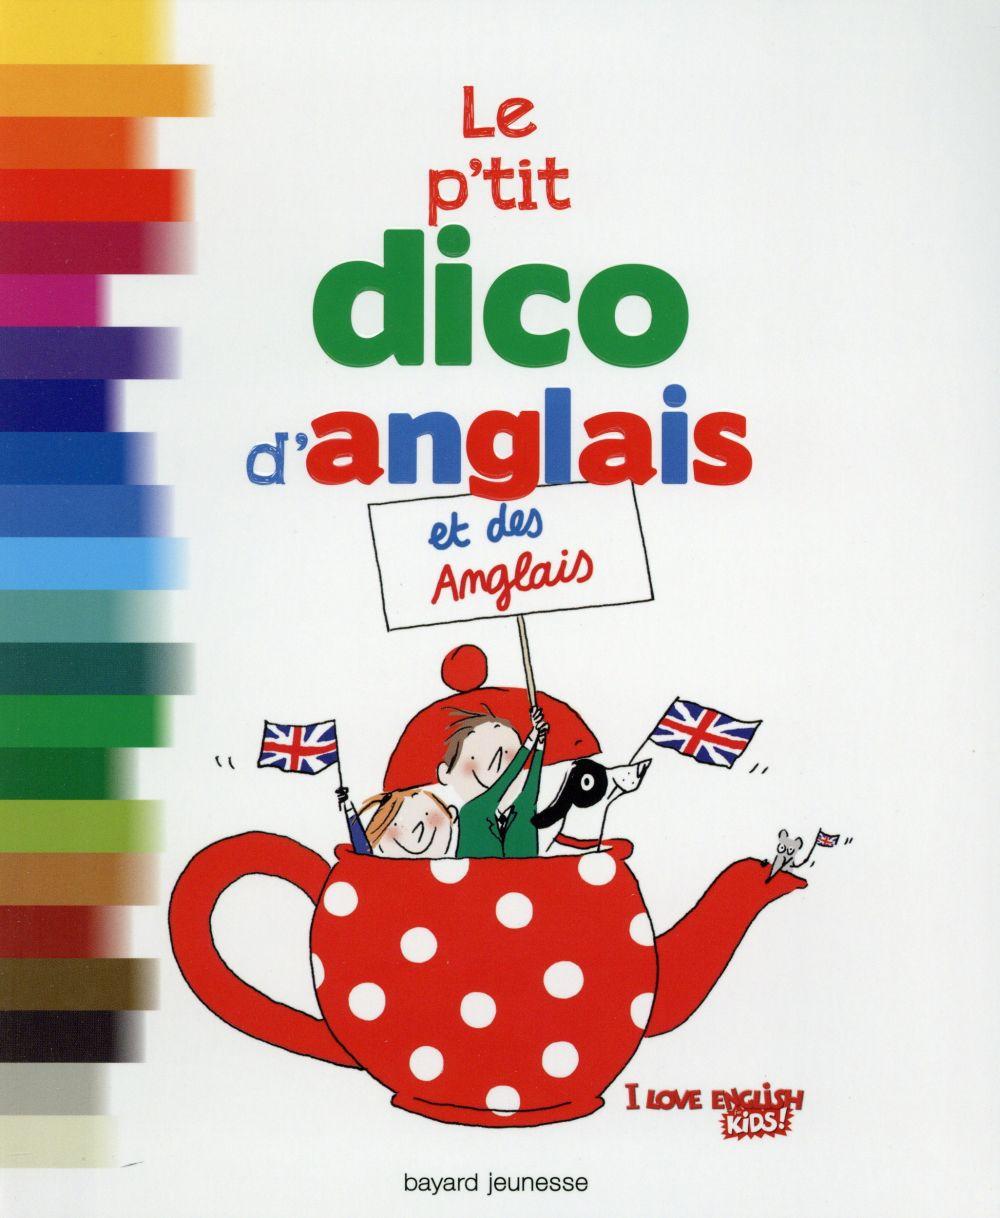 LE P'TIT DICO D'ANGLAIS ET DES ANGLAIS CHARLOTTE LE BRETON Bayard Jeunesse